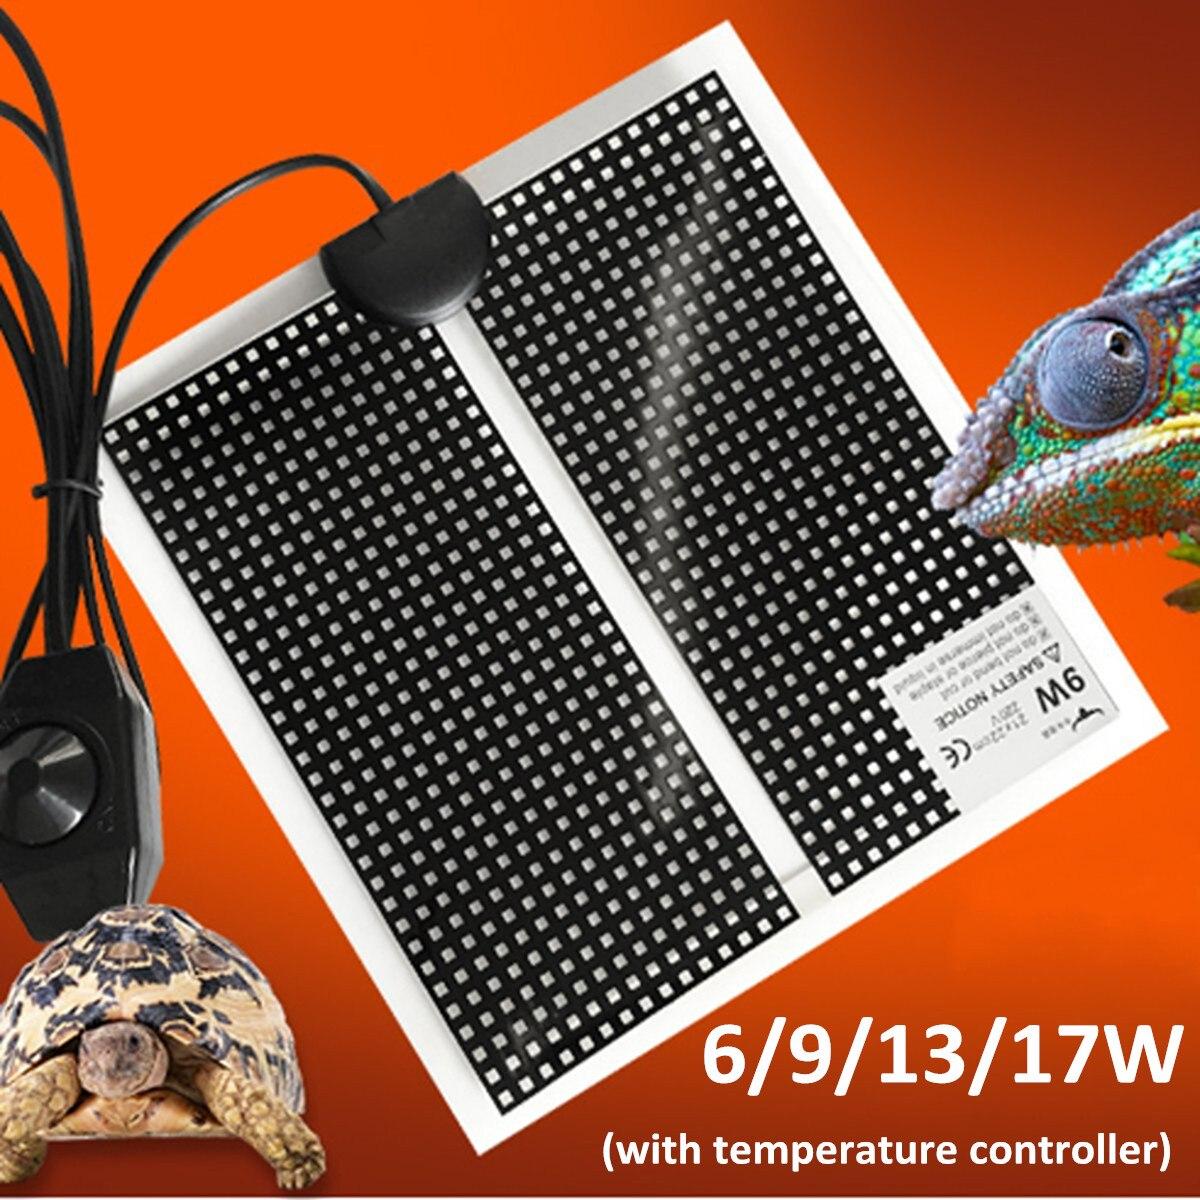 Terrarium Reptilien Wärme Matte 6-17 watt Klettern Pet Heizung Warme Pad Einstellbare Temperatur Controller Inkubator Matte Werkzeuge Schwarz